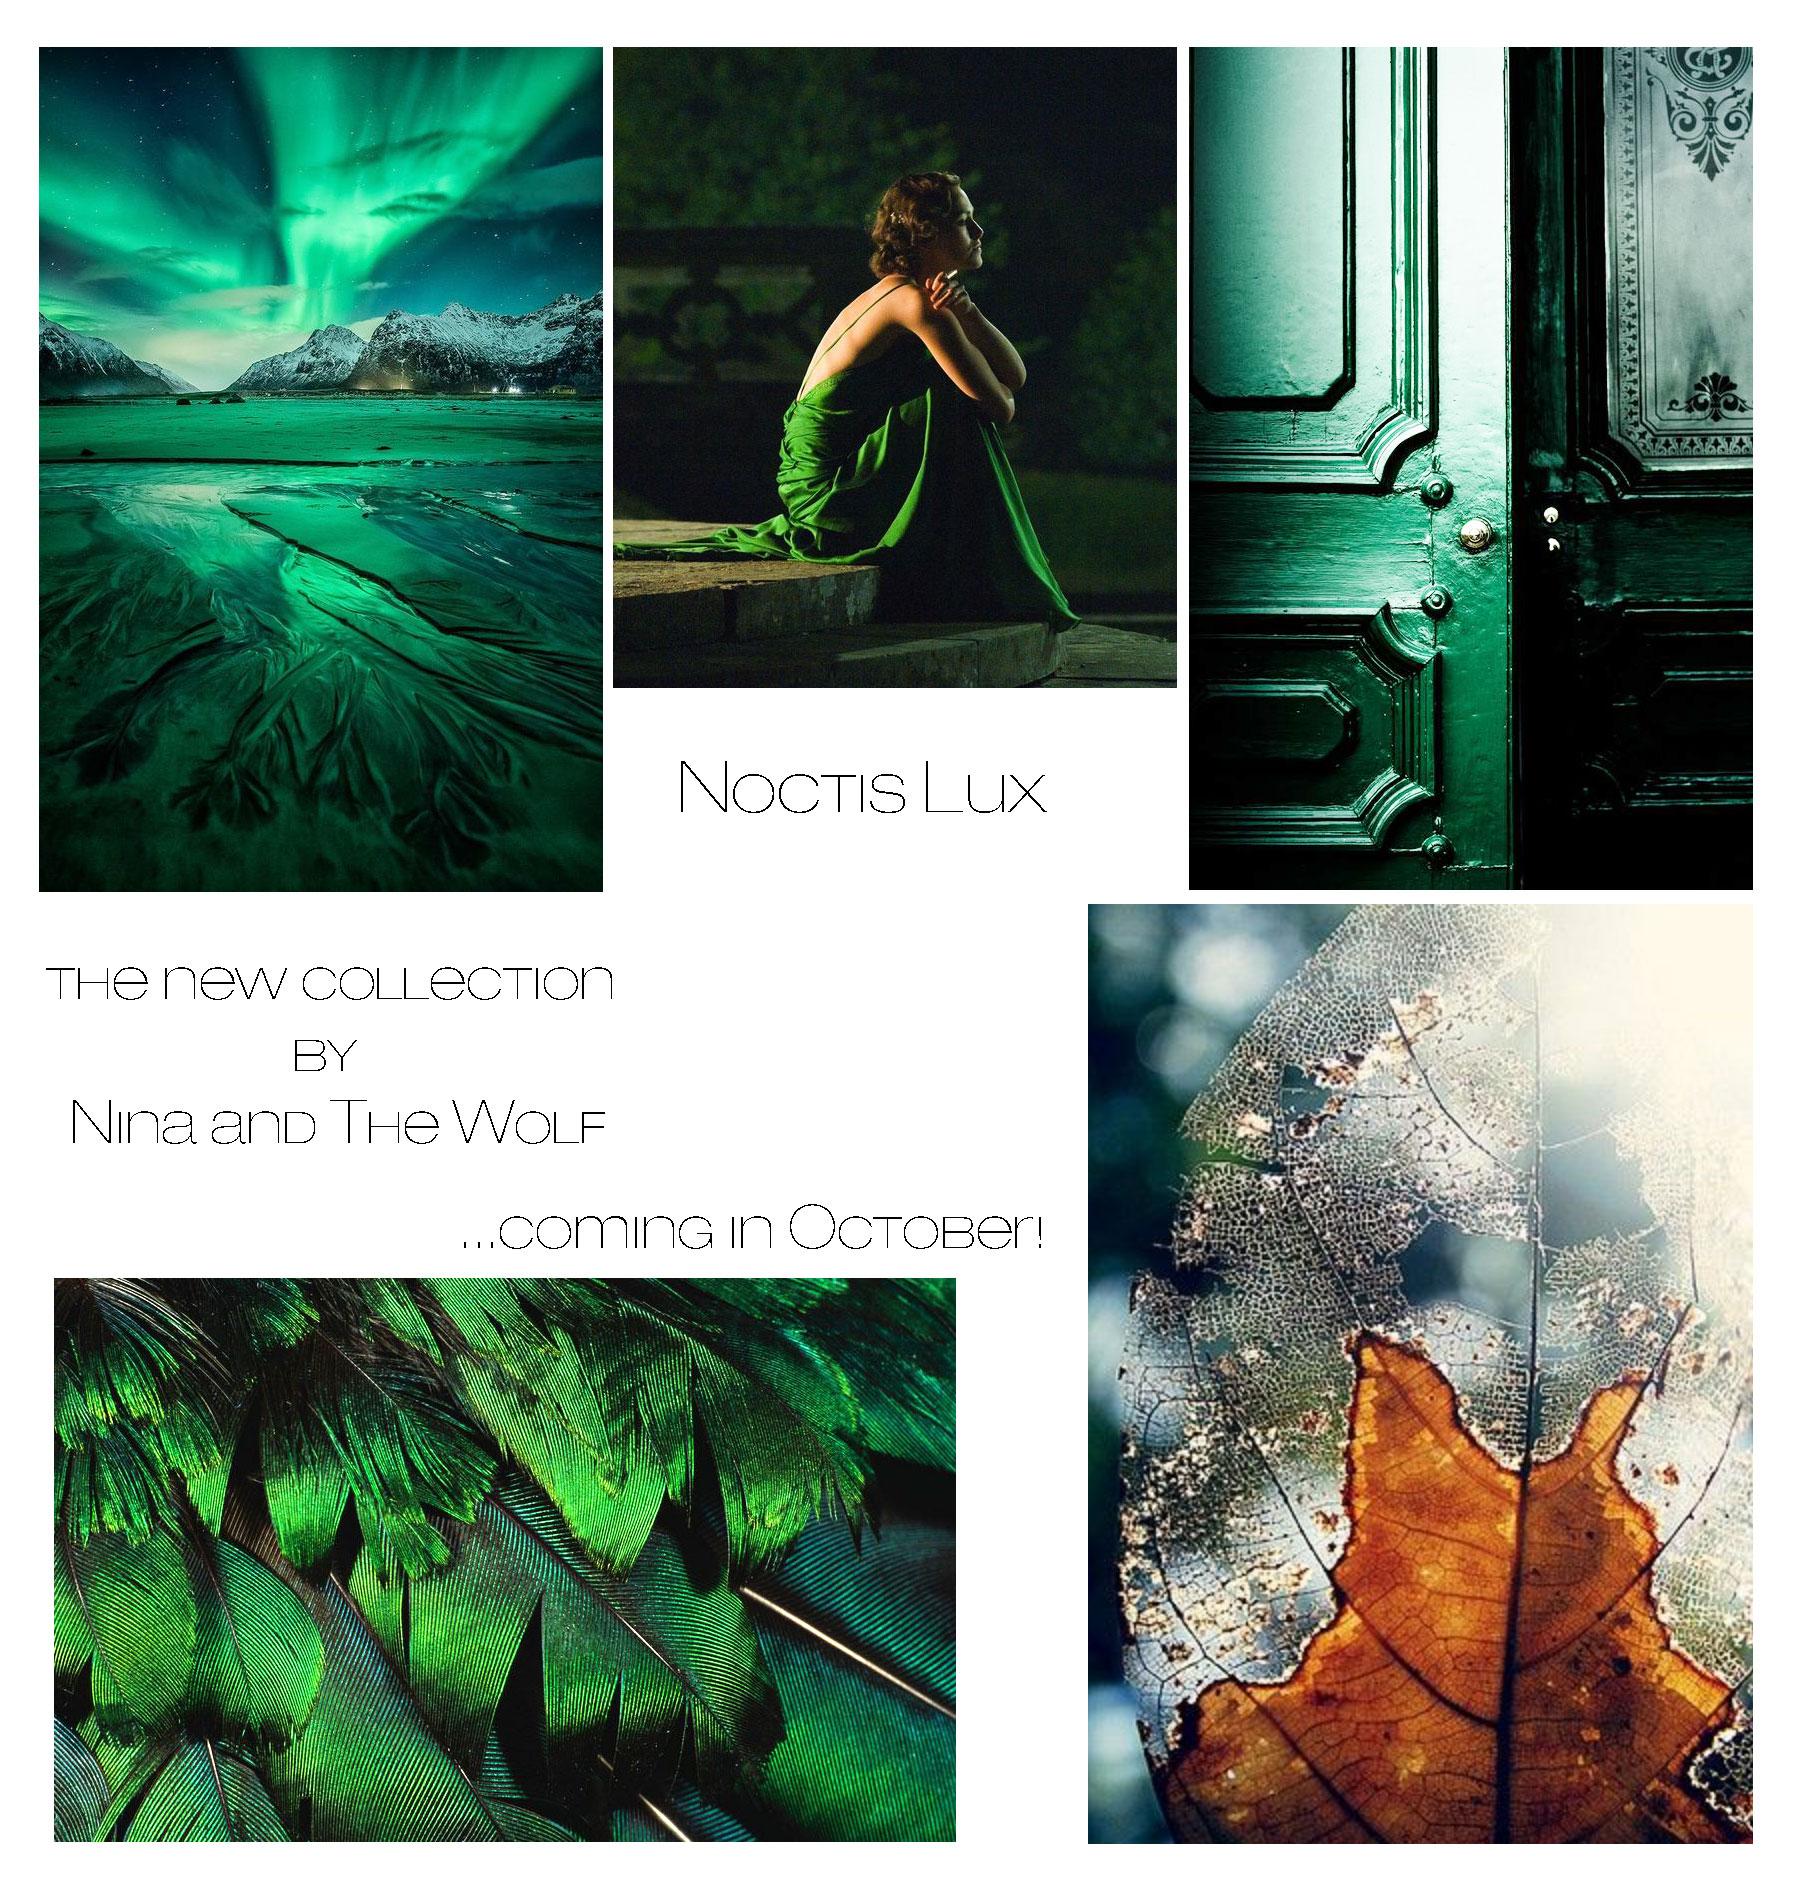 Nina & The Wolf: Дизайнеры рассказывают о новой коллекции Noctis Lux